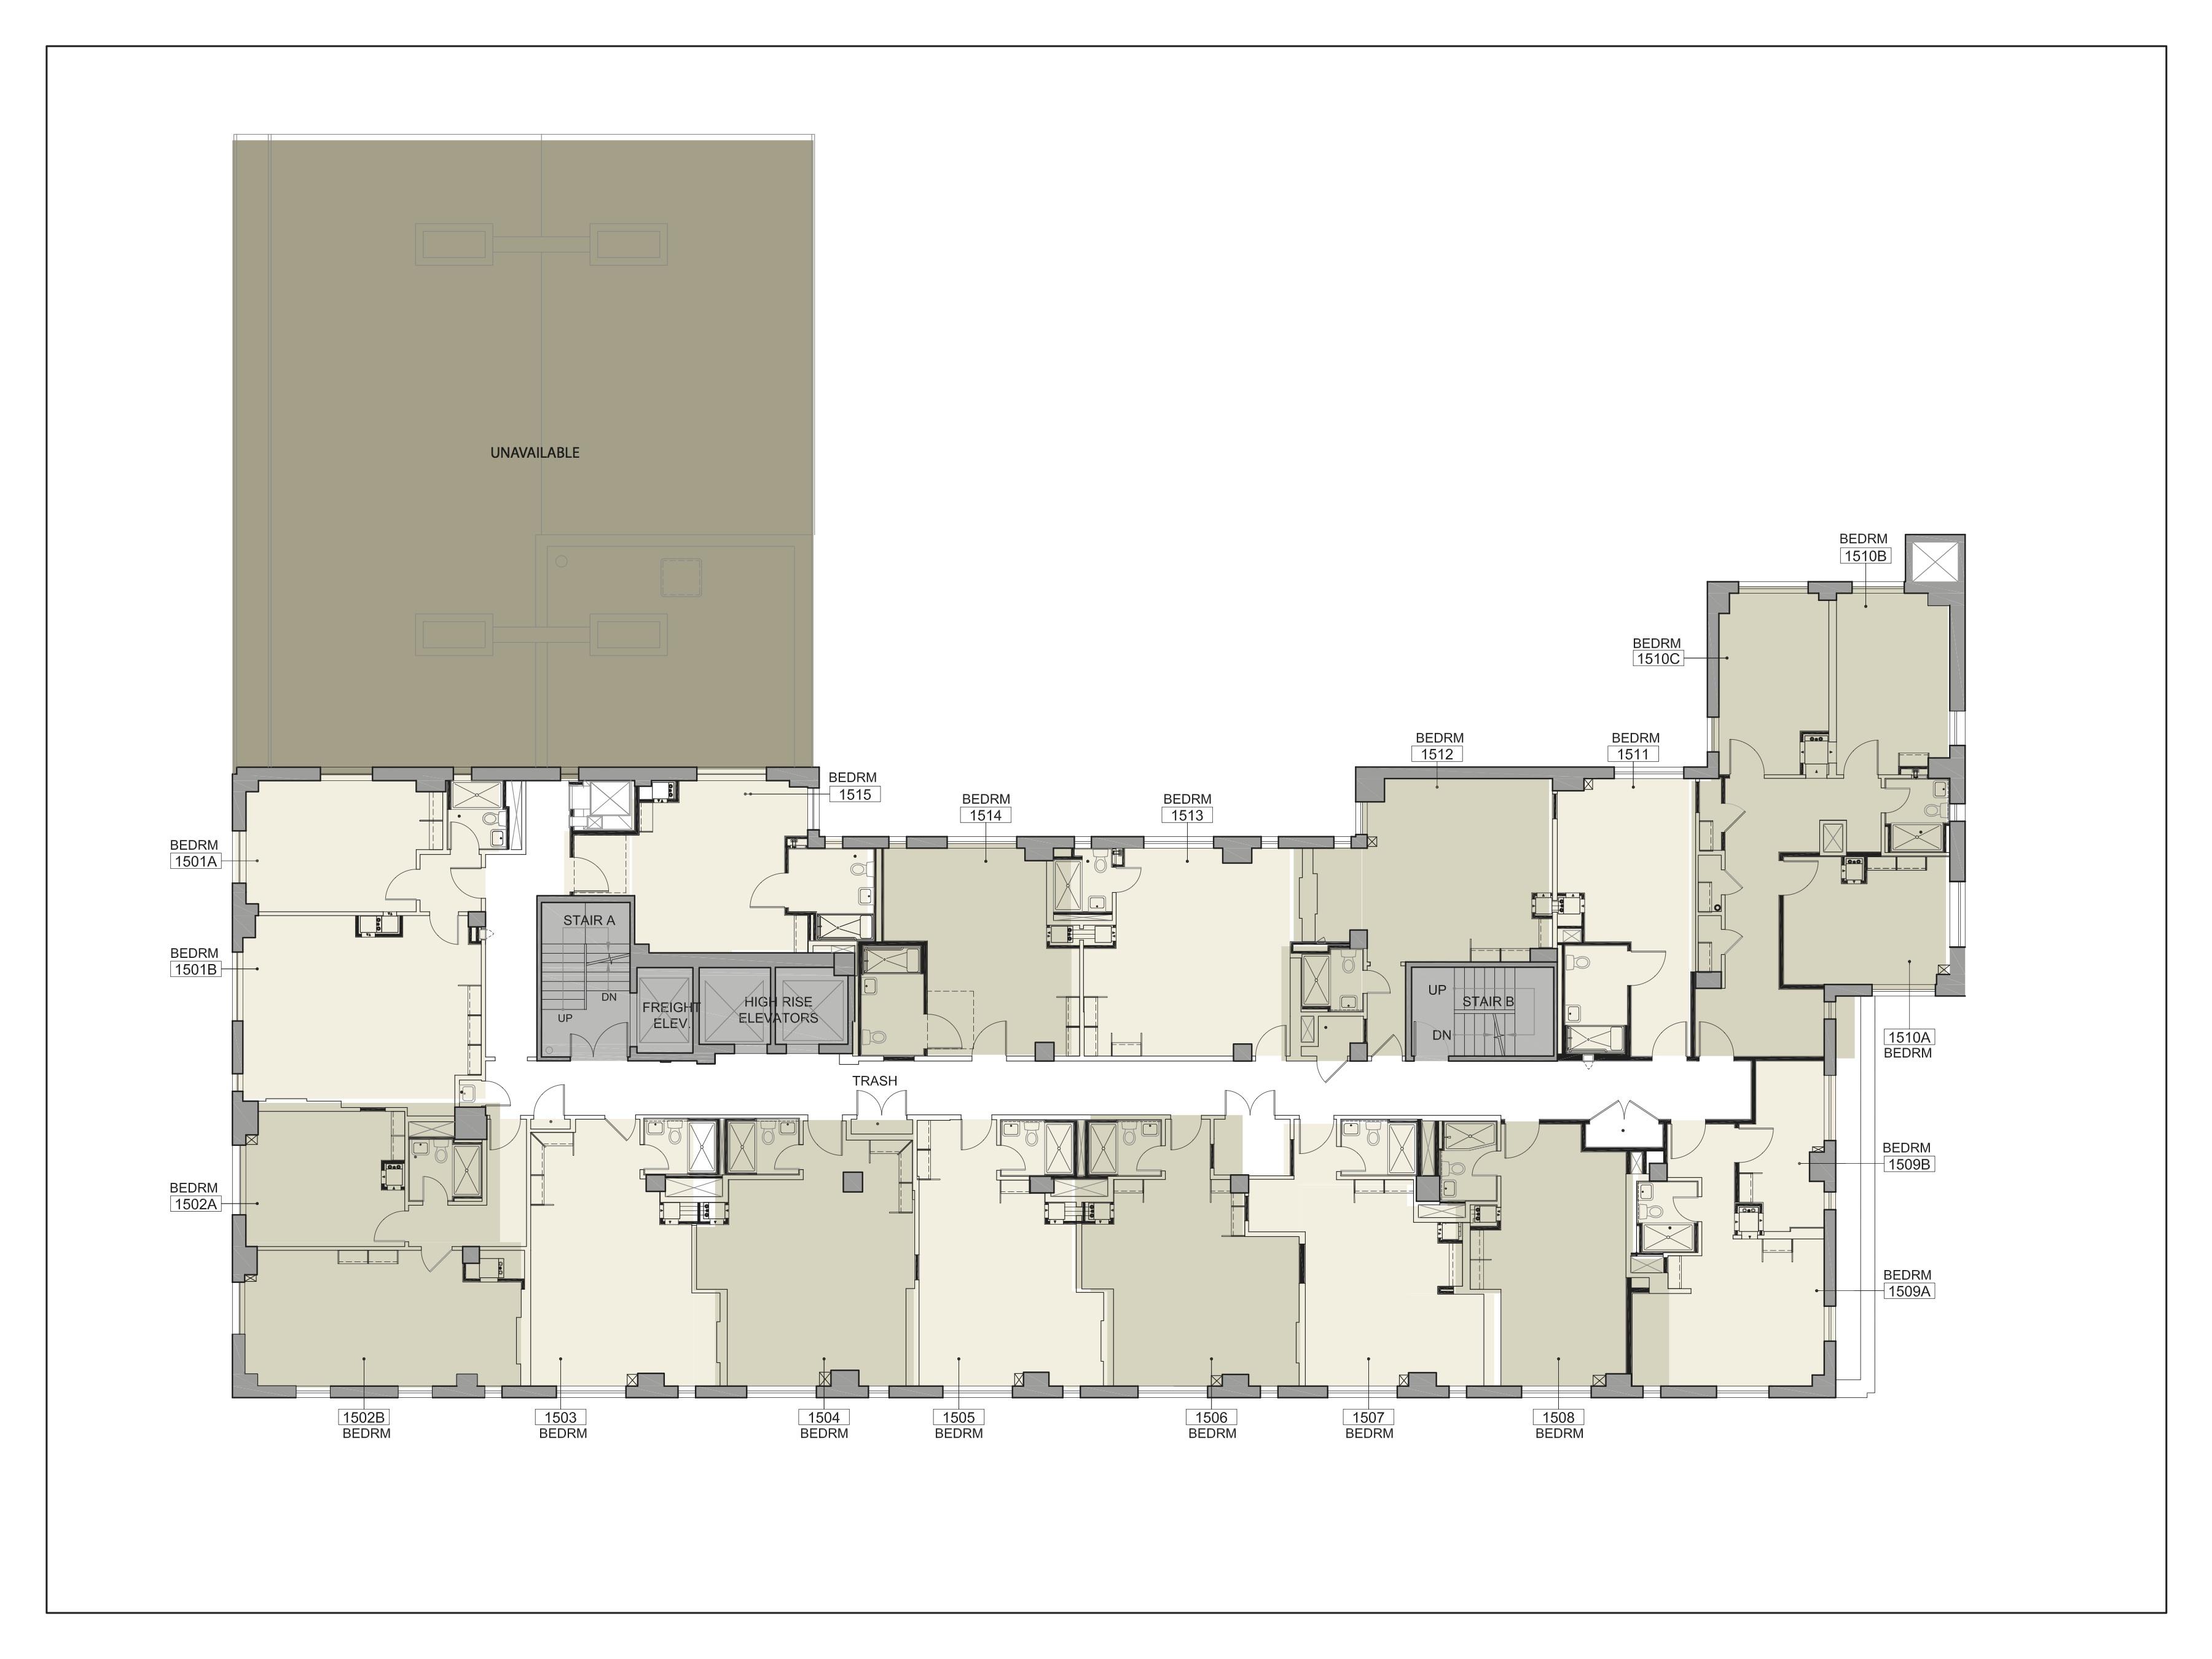 Floor plan for Lipton Floor 15